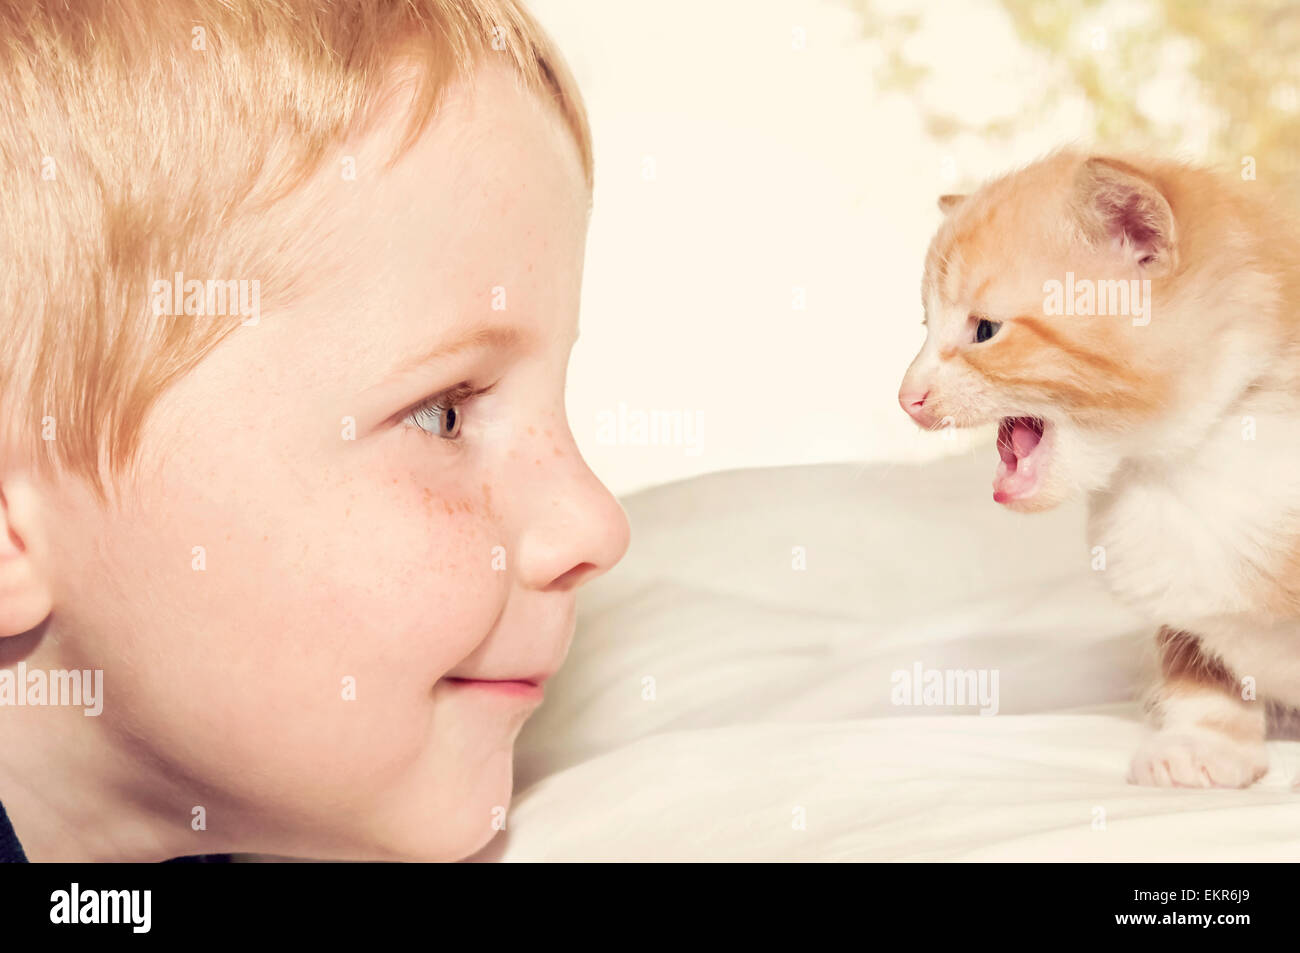 Cerrar vista de chico y gatito caras Imagen De Stock